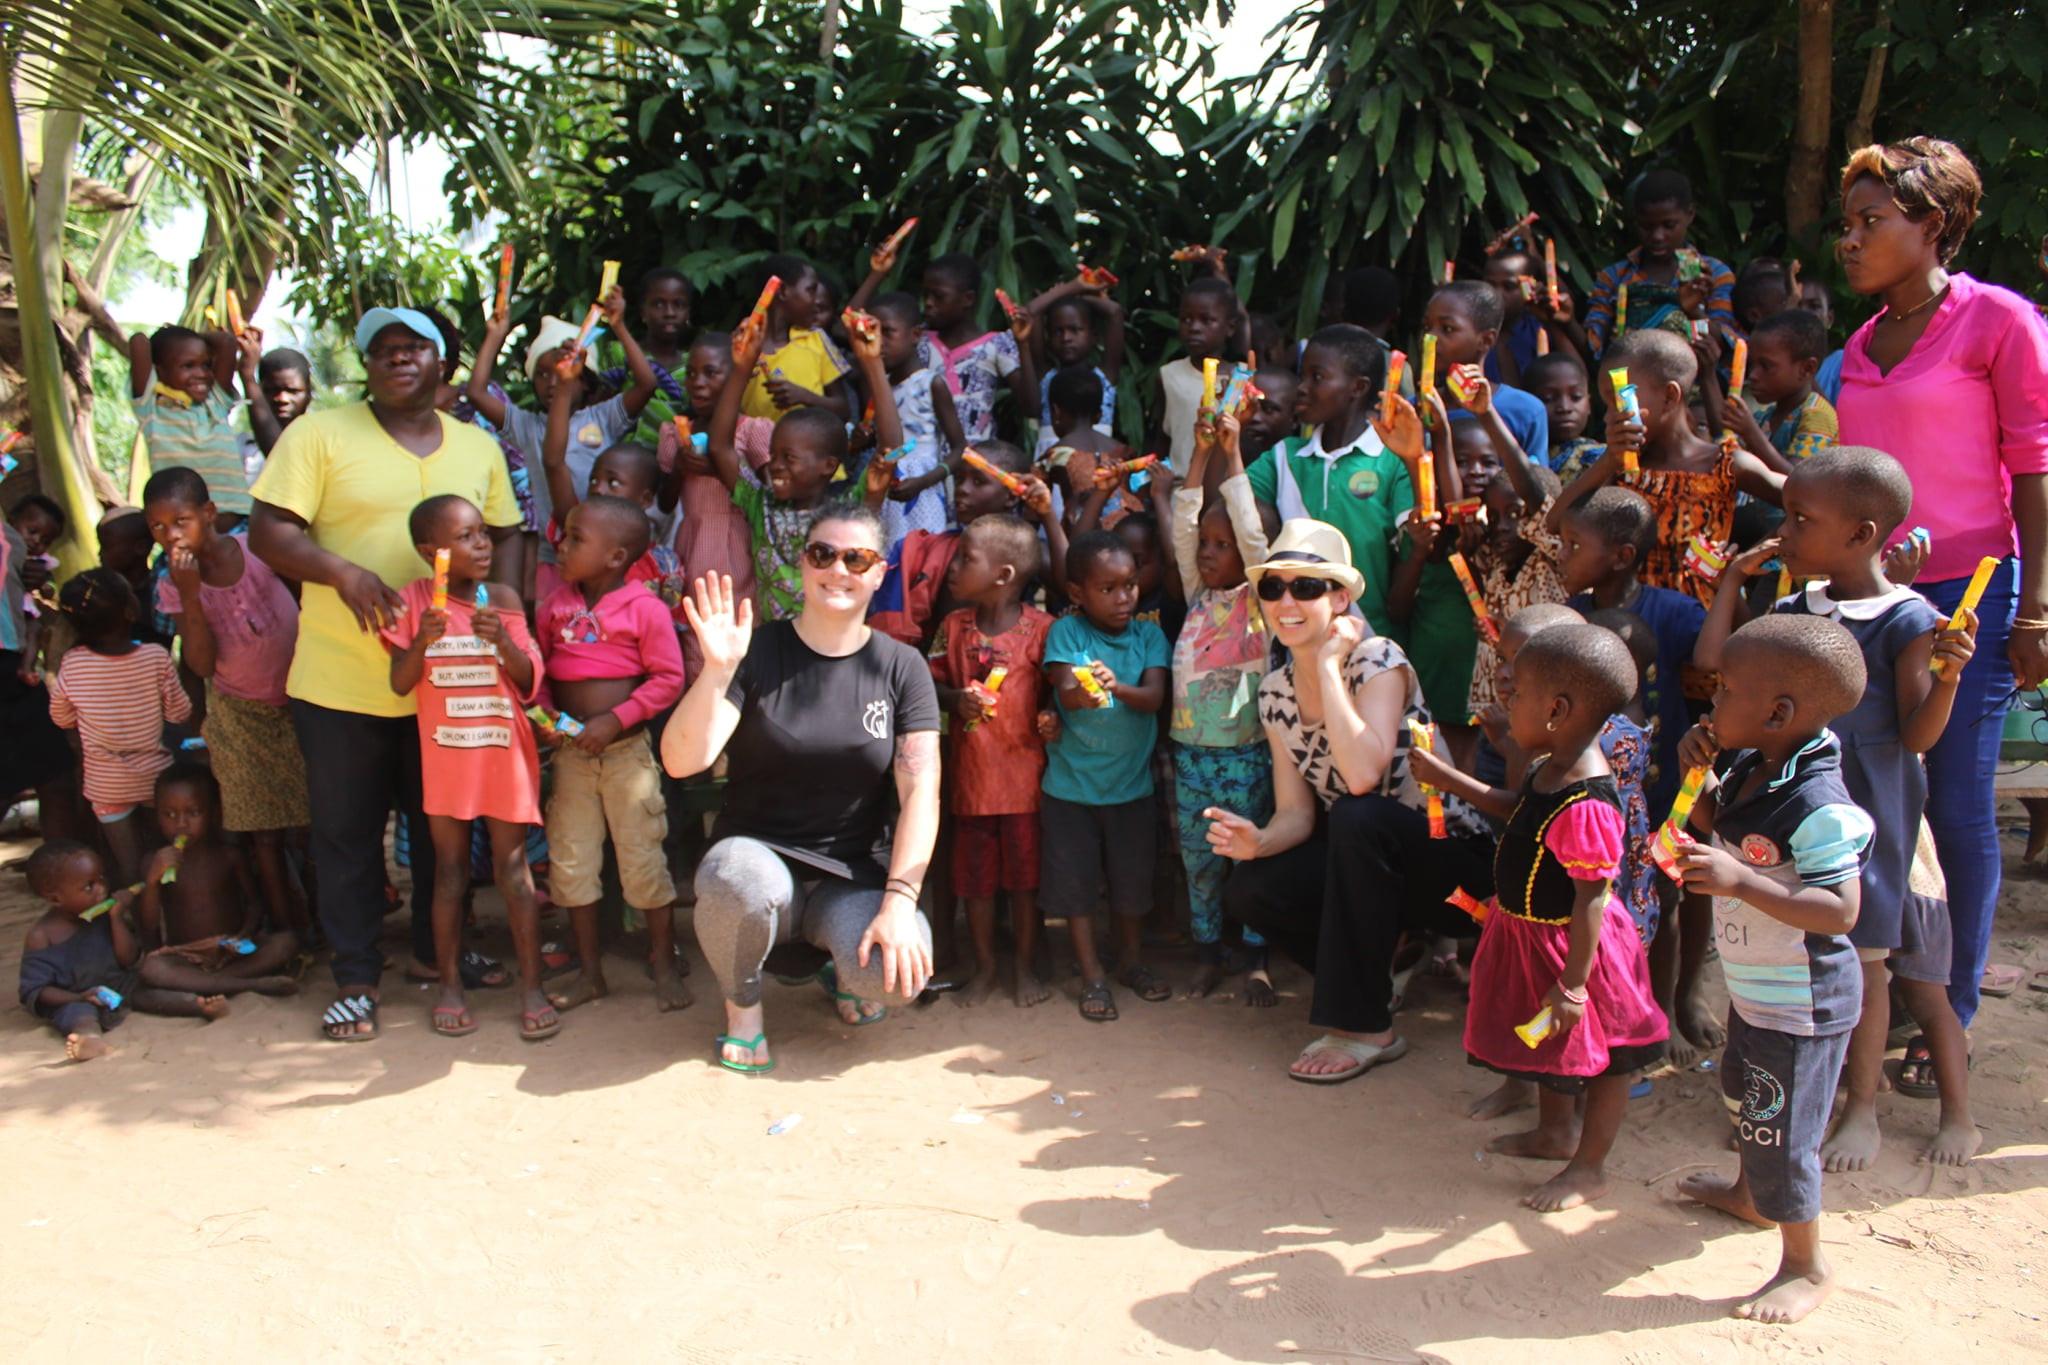 Émission du 16 août 2021: Aide humanitaire au Togo & Promotion des cultures africaines au Québec